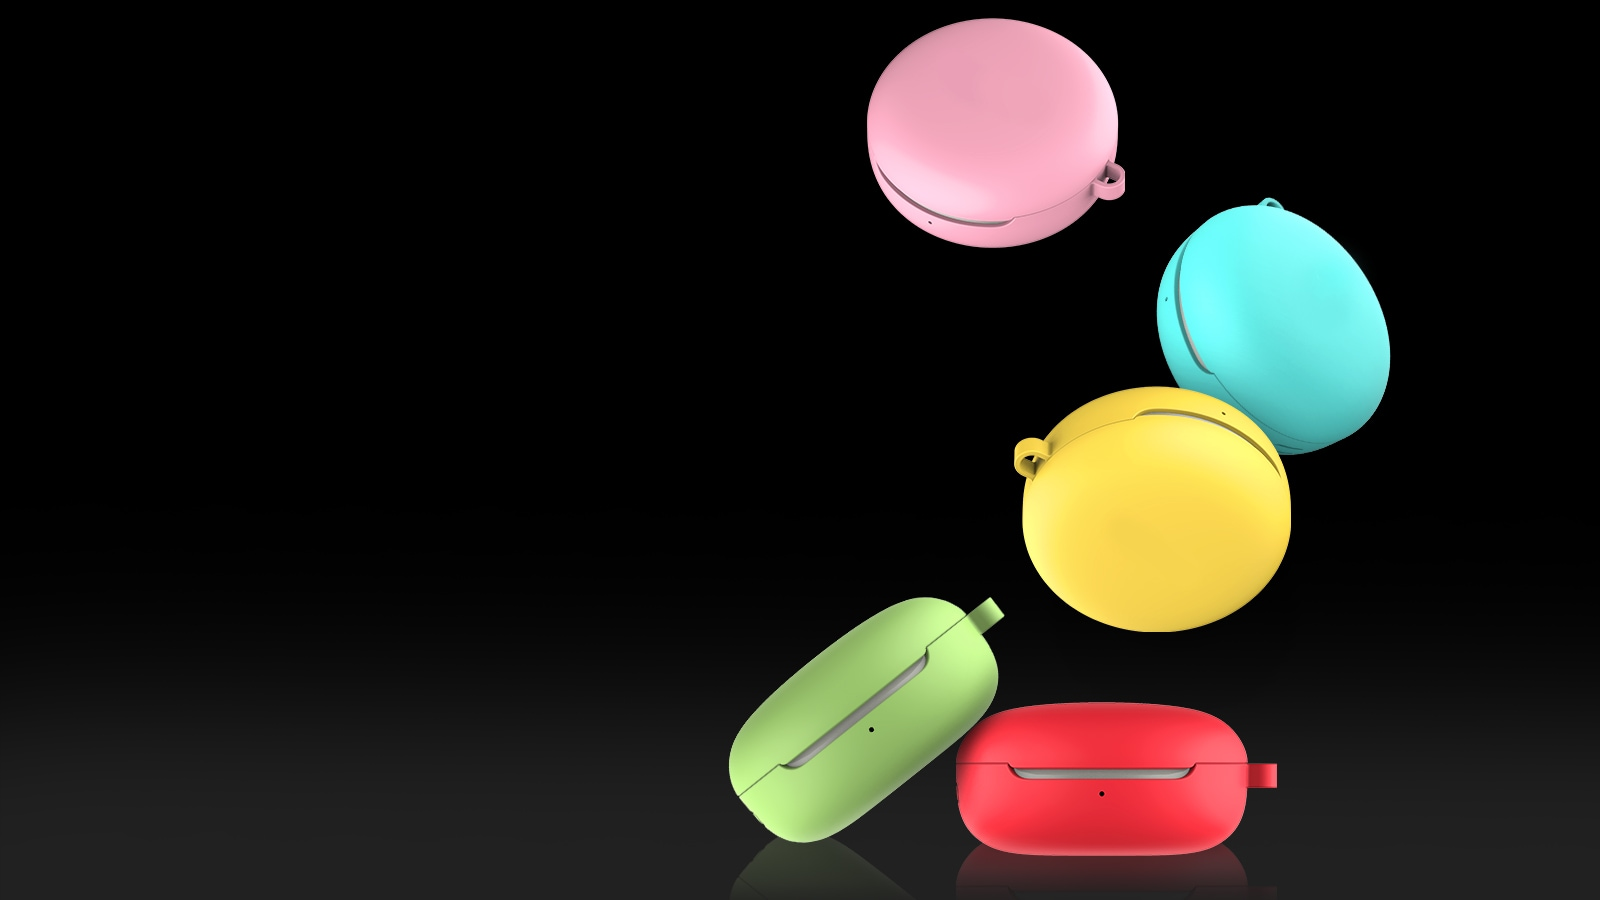 Изображение пяти кейсов от LG TONE Free Fn4 в пяти разных цветных вариантах, падающих на глянцевый пол